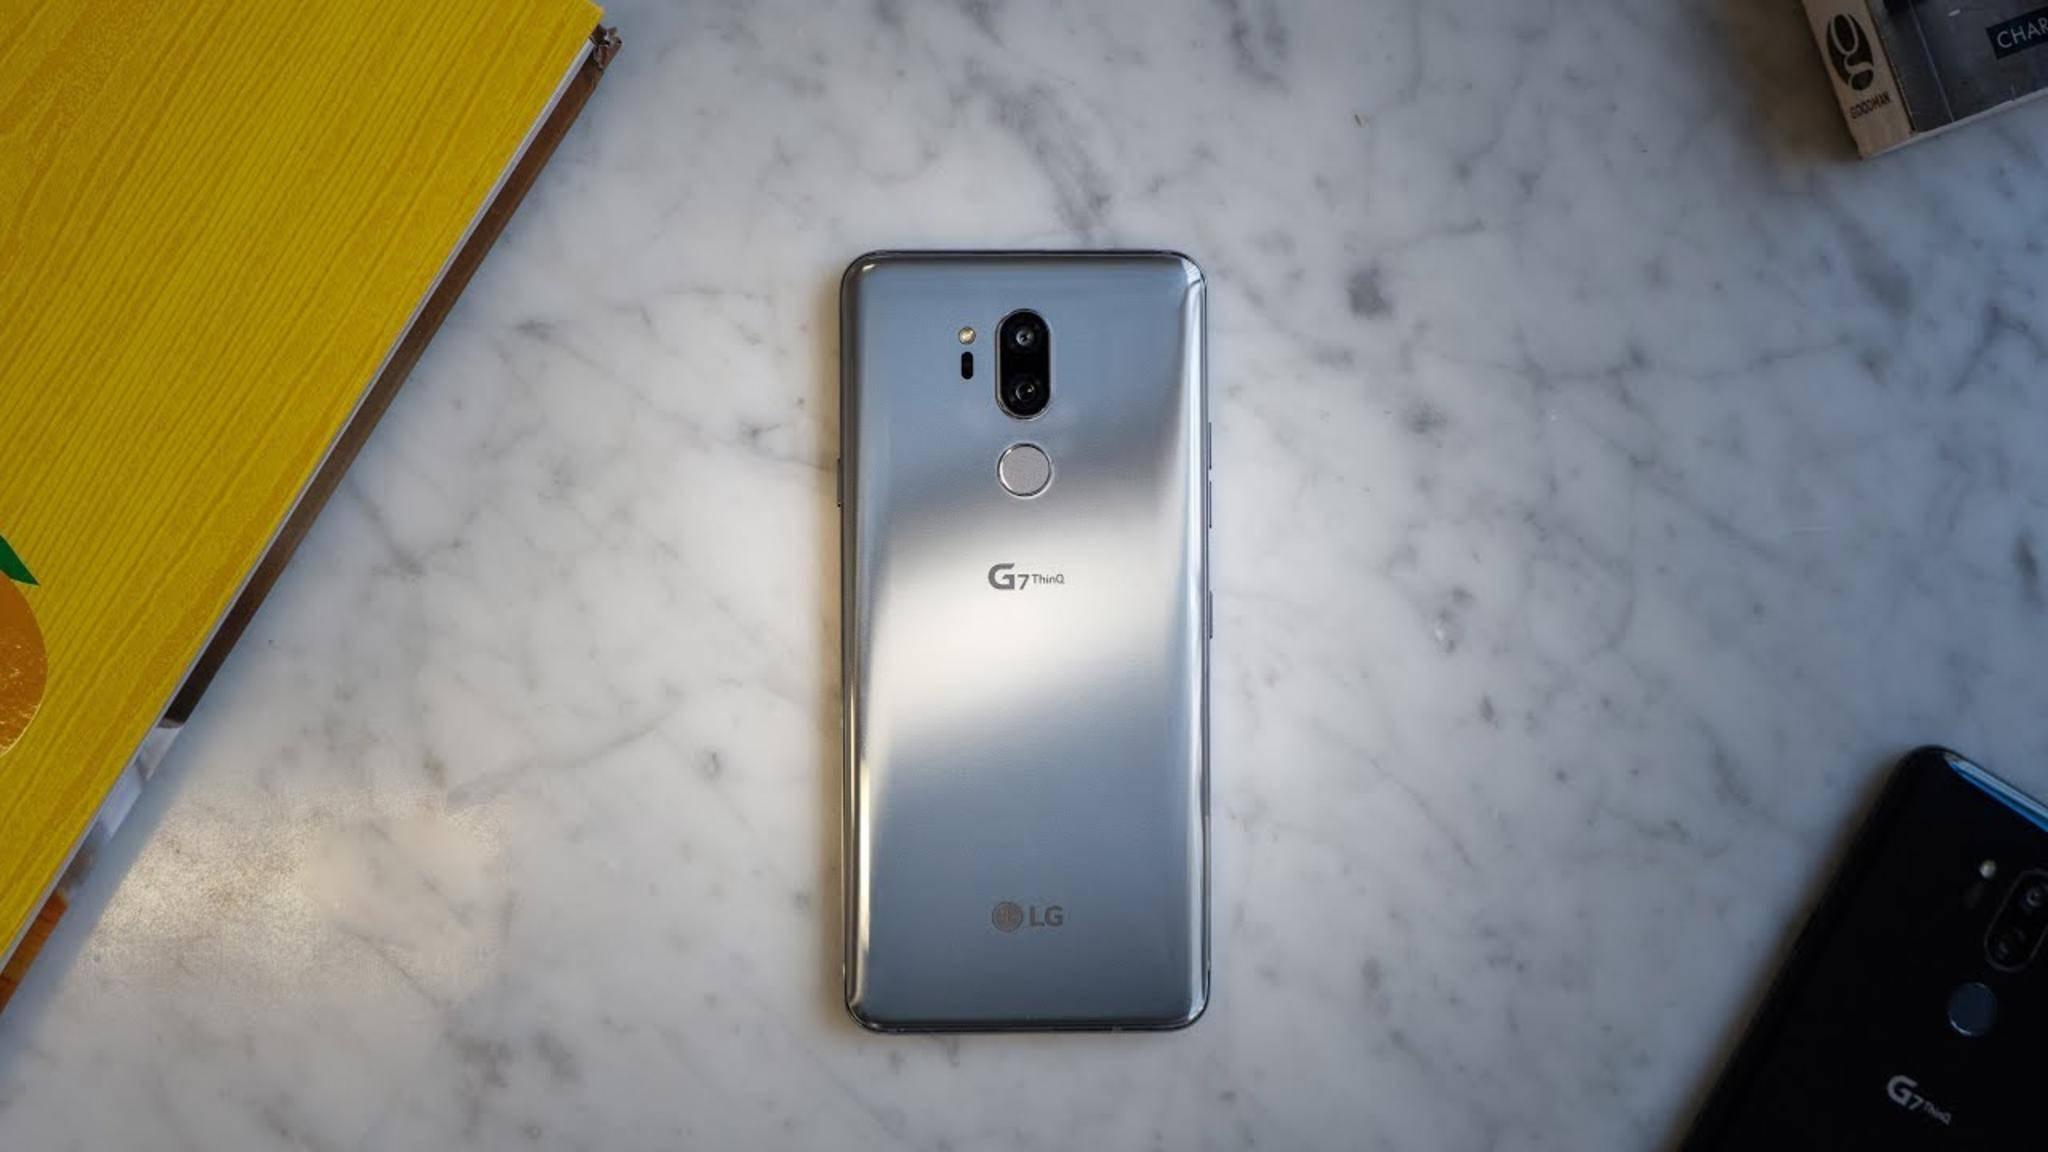 Alles neu macht das LG G7 ThinQ? Wir verraten, inwiefern es sich tatsächlich vom Vorgänger unterscheidet.